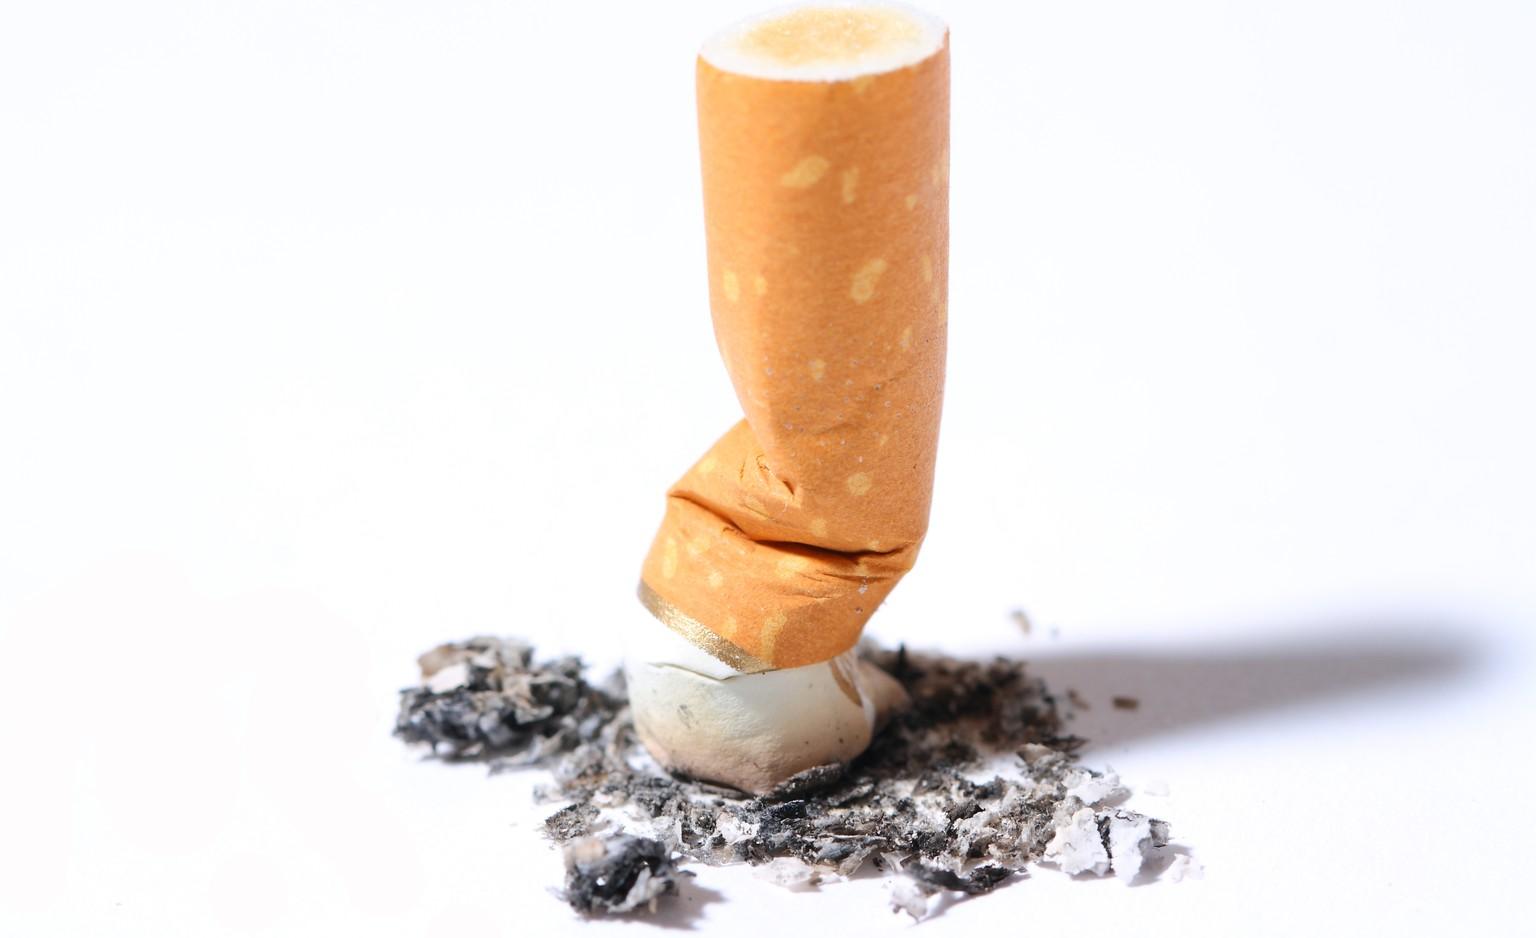 Die Schlacht der Medien Rauchen aufzugeben